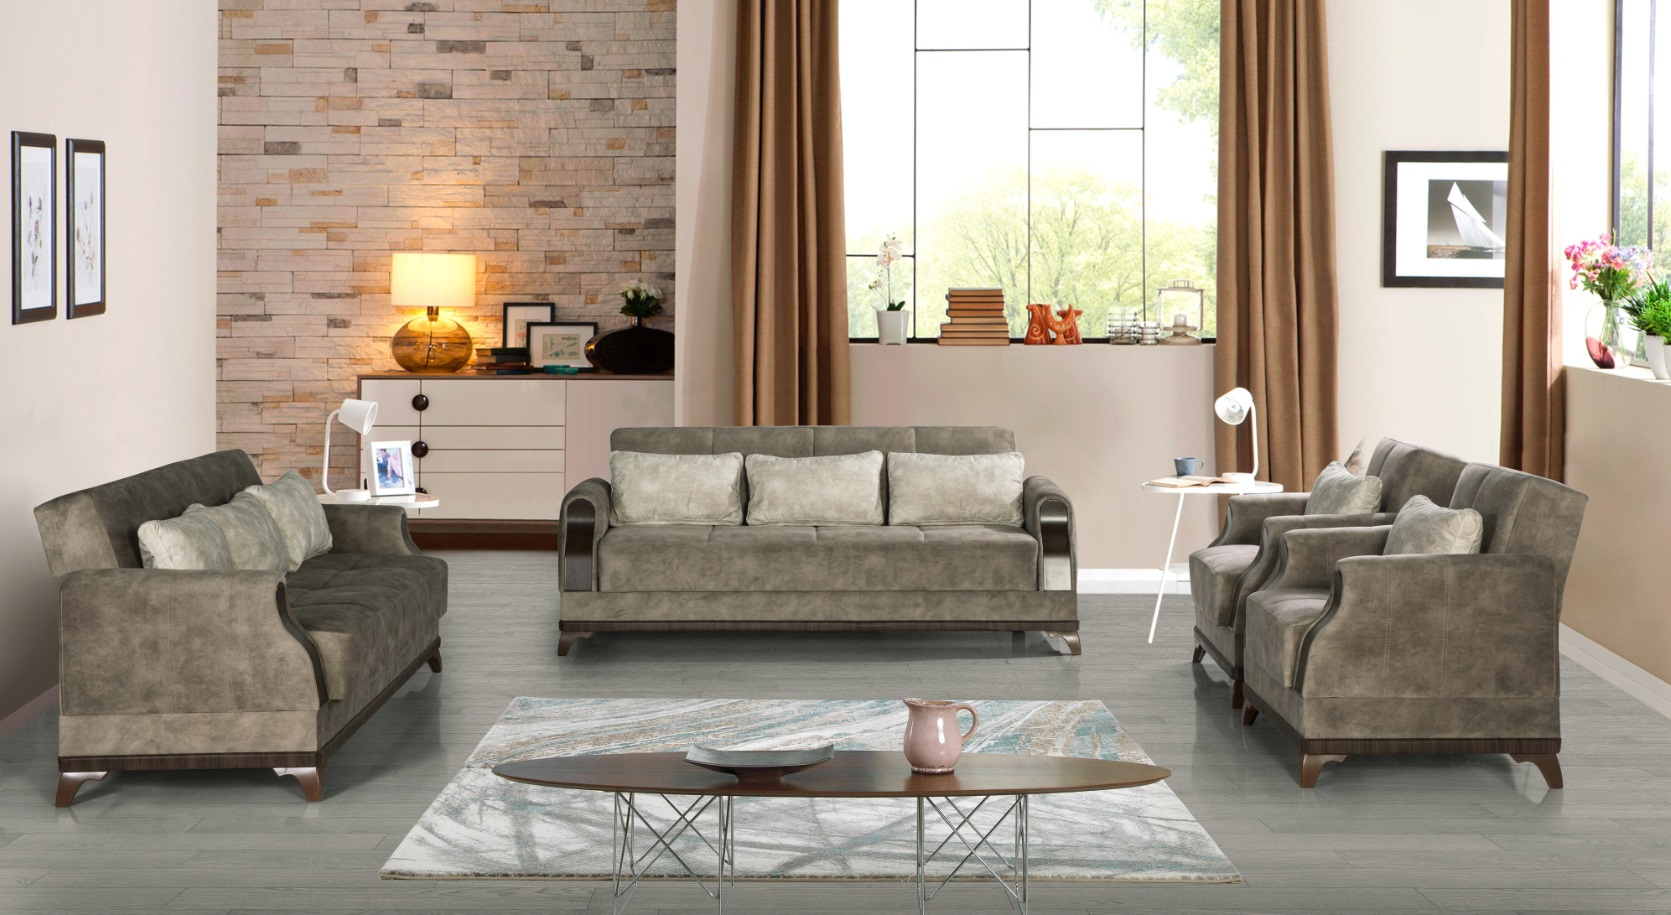 Windy exklusive Sofa Garnitur mit Stauraum Grau Linda